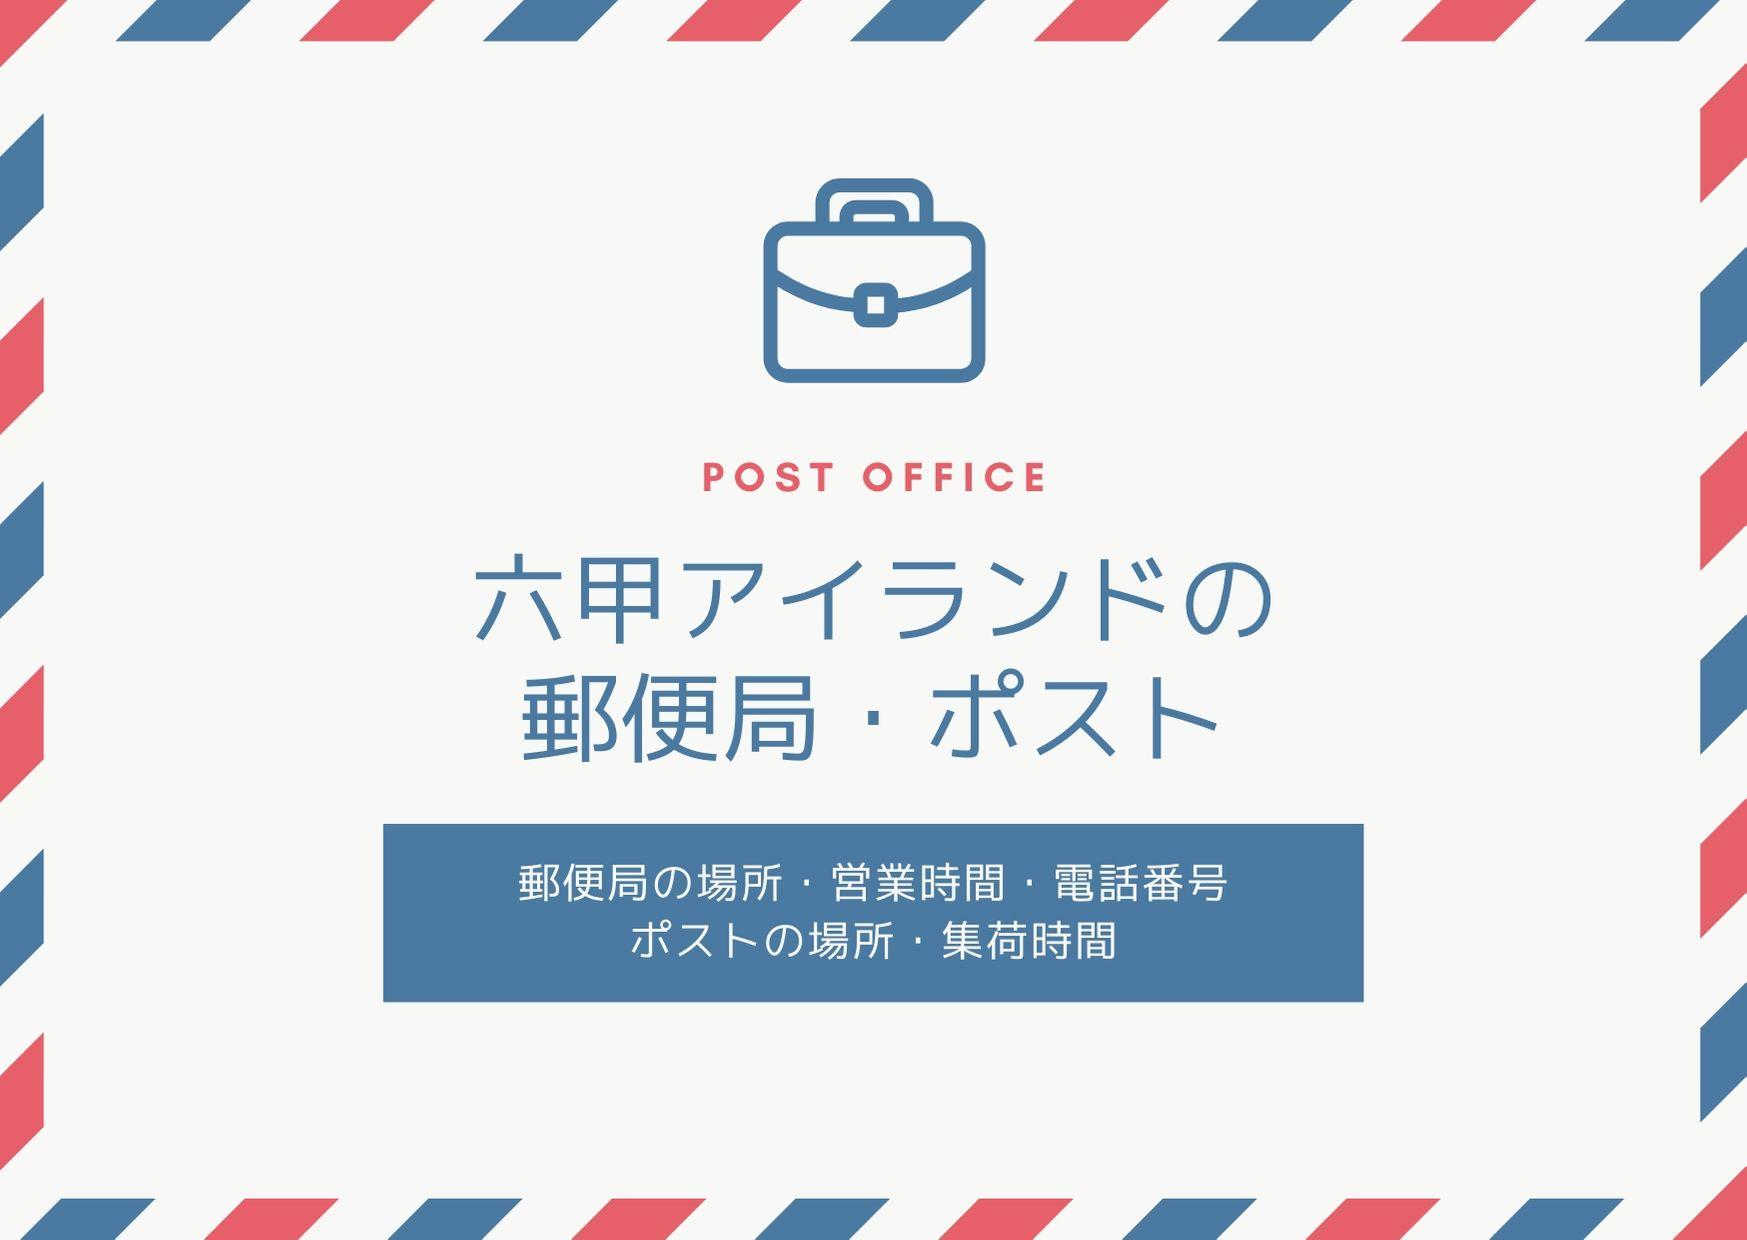 郵便局営業日